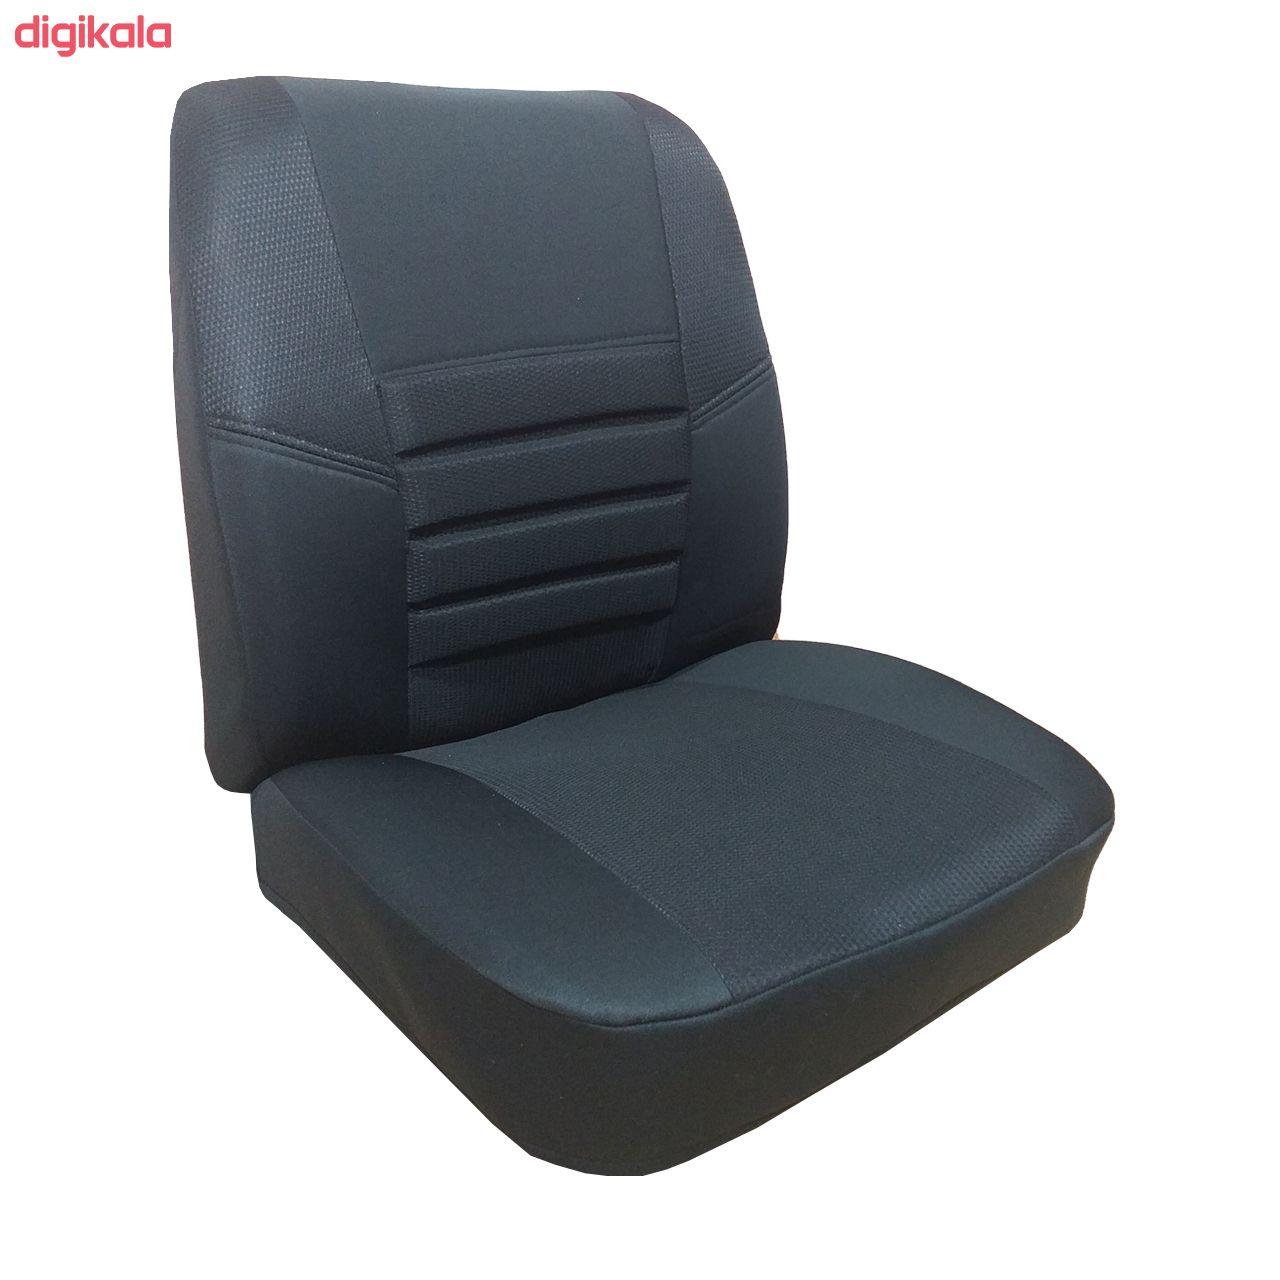 روکش صندلی خودرو مدل 2006 مناسب برای سمند main 1 3